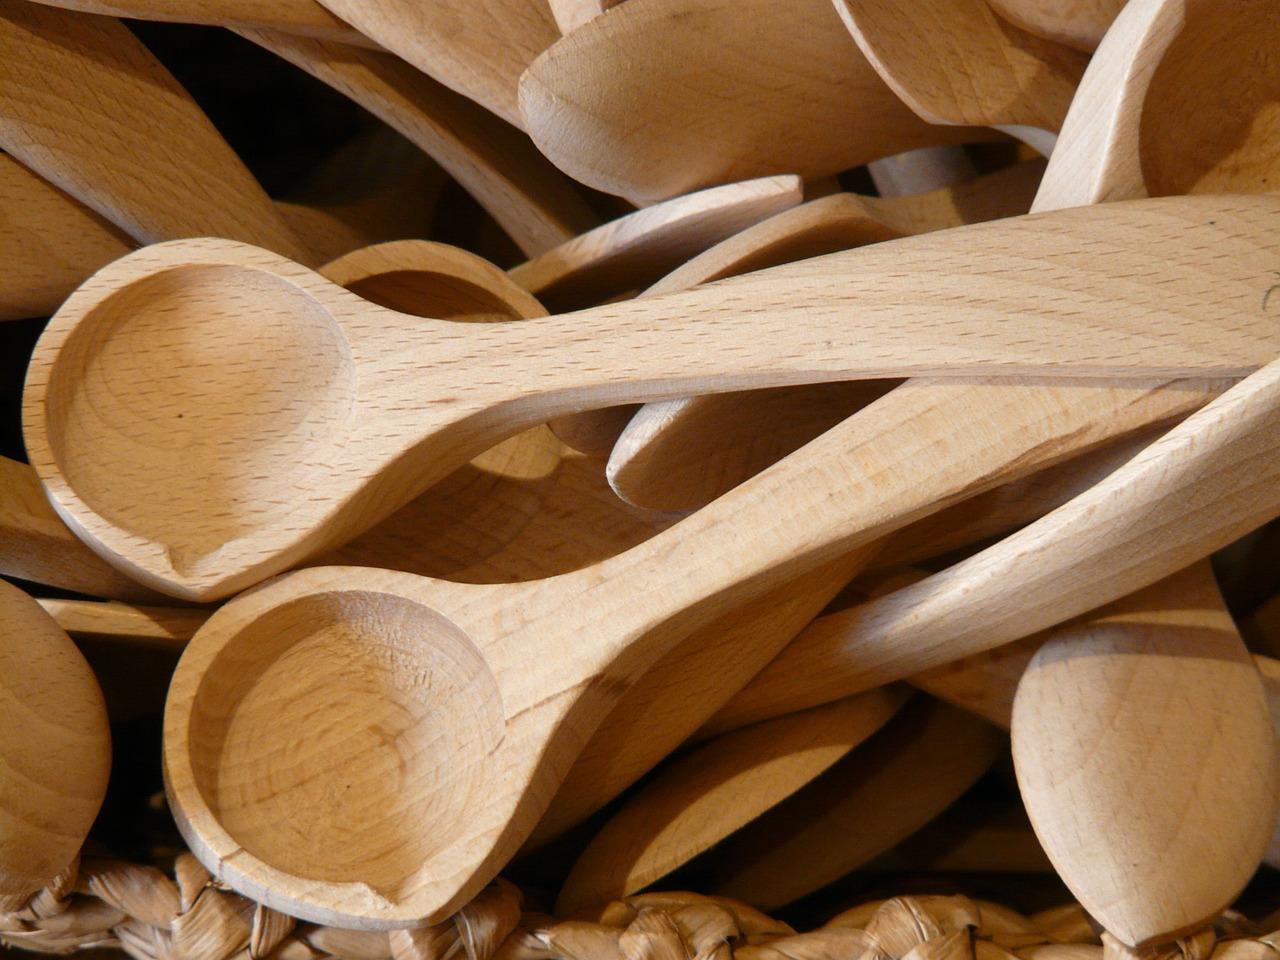 5 utensilios b sicos de la cocina the gourmet journal for Utensilios de cocina gourmet